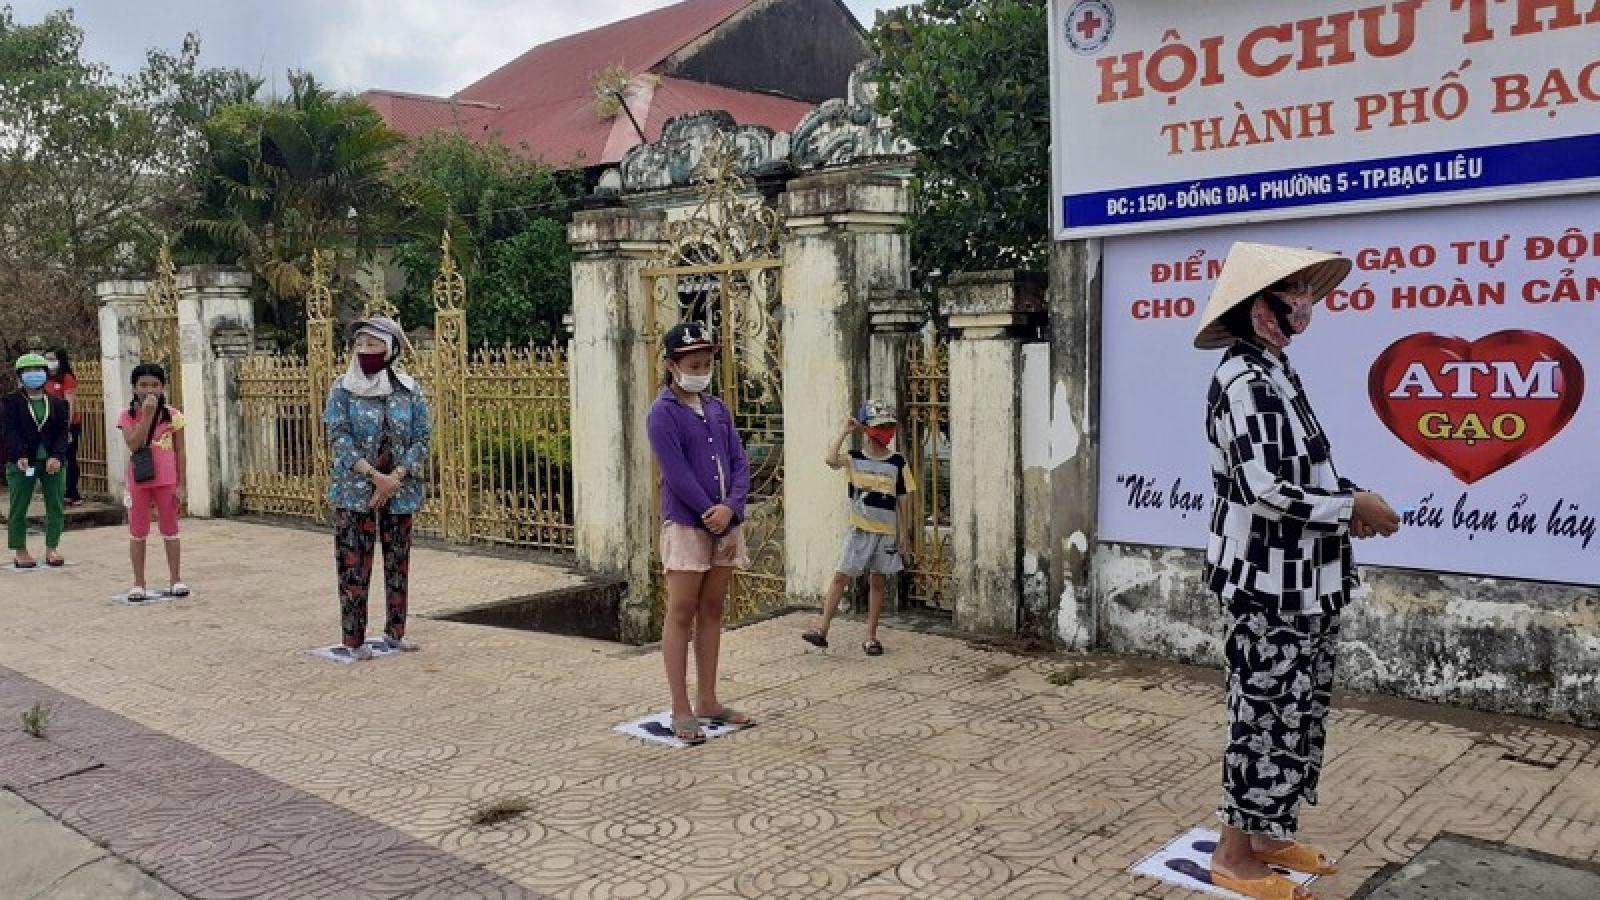 """Nhiều máy """"ATM gạo"""" được lắp đặt hỗ trợ người nghèo ở ĐBSCL"""